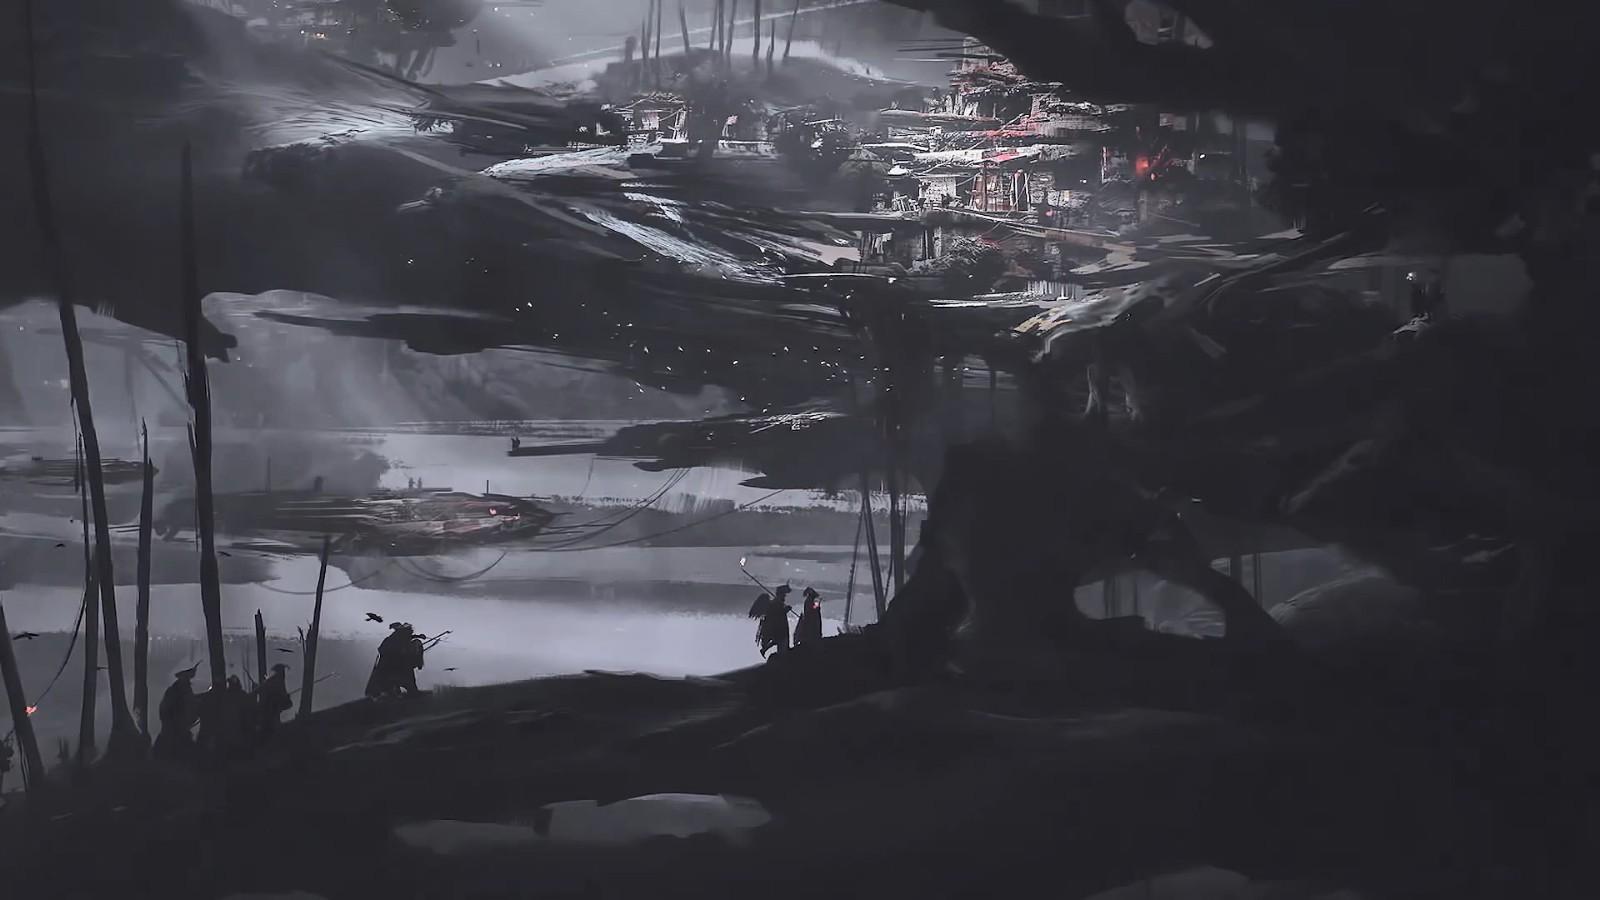 国产动作游戏《Project DT》发布幕后影像 大量概念图公开